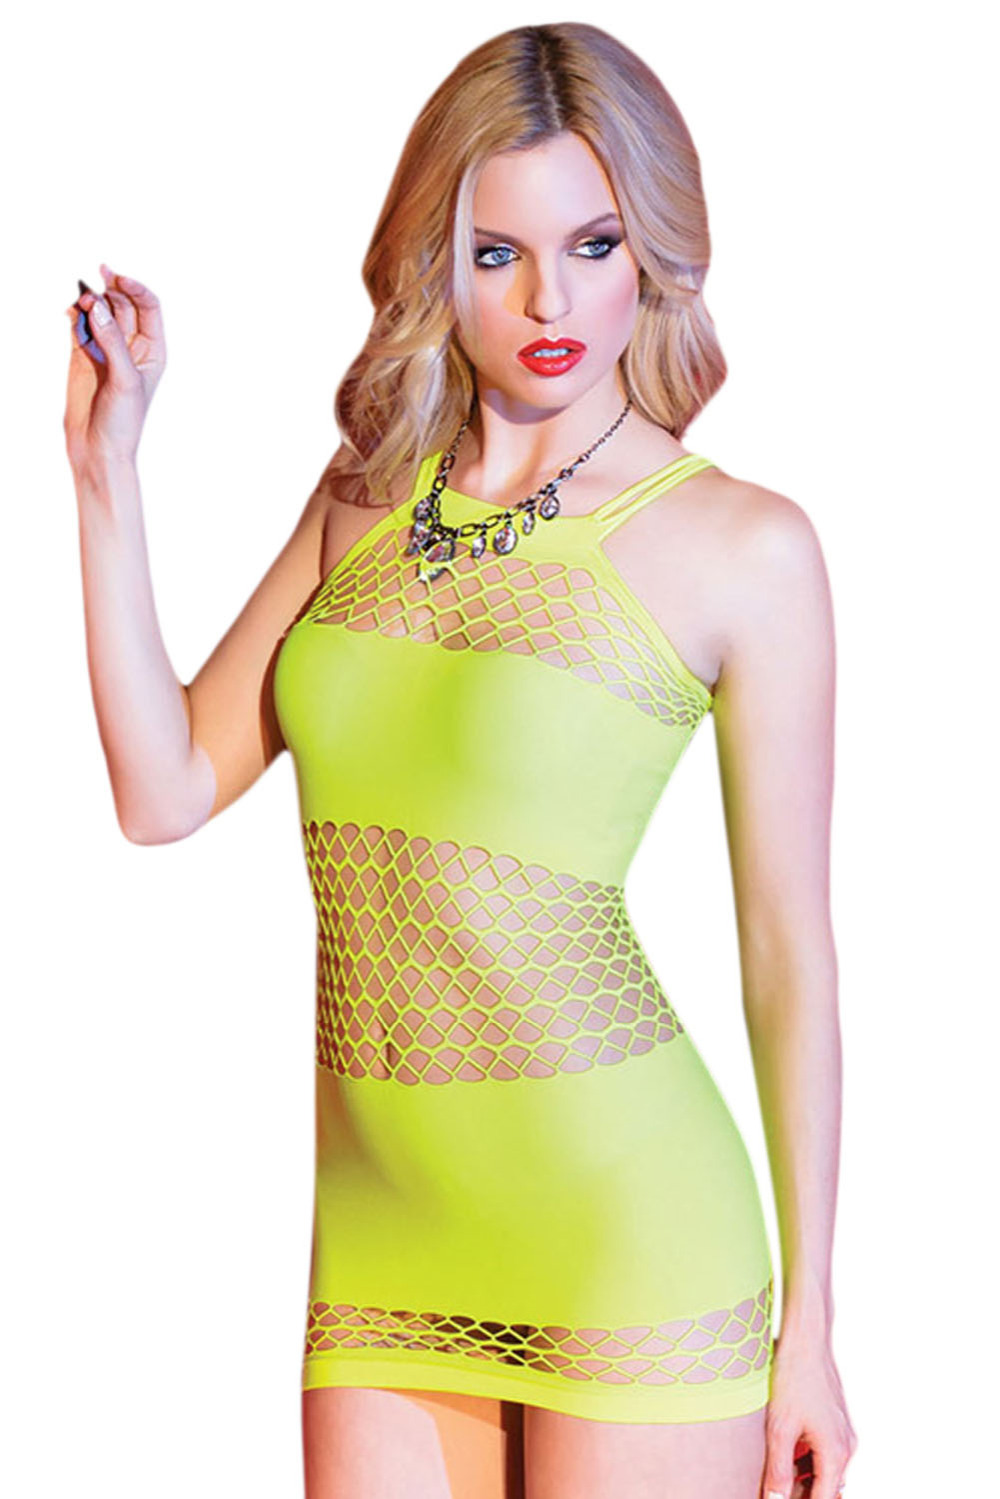 Promoci n de amarillo de encaje de la ropa interior - Fotos de mujeres en ropa interior de encaje ...